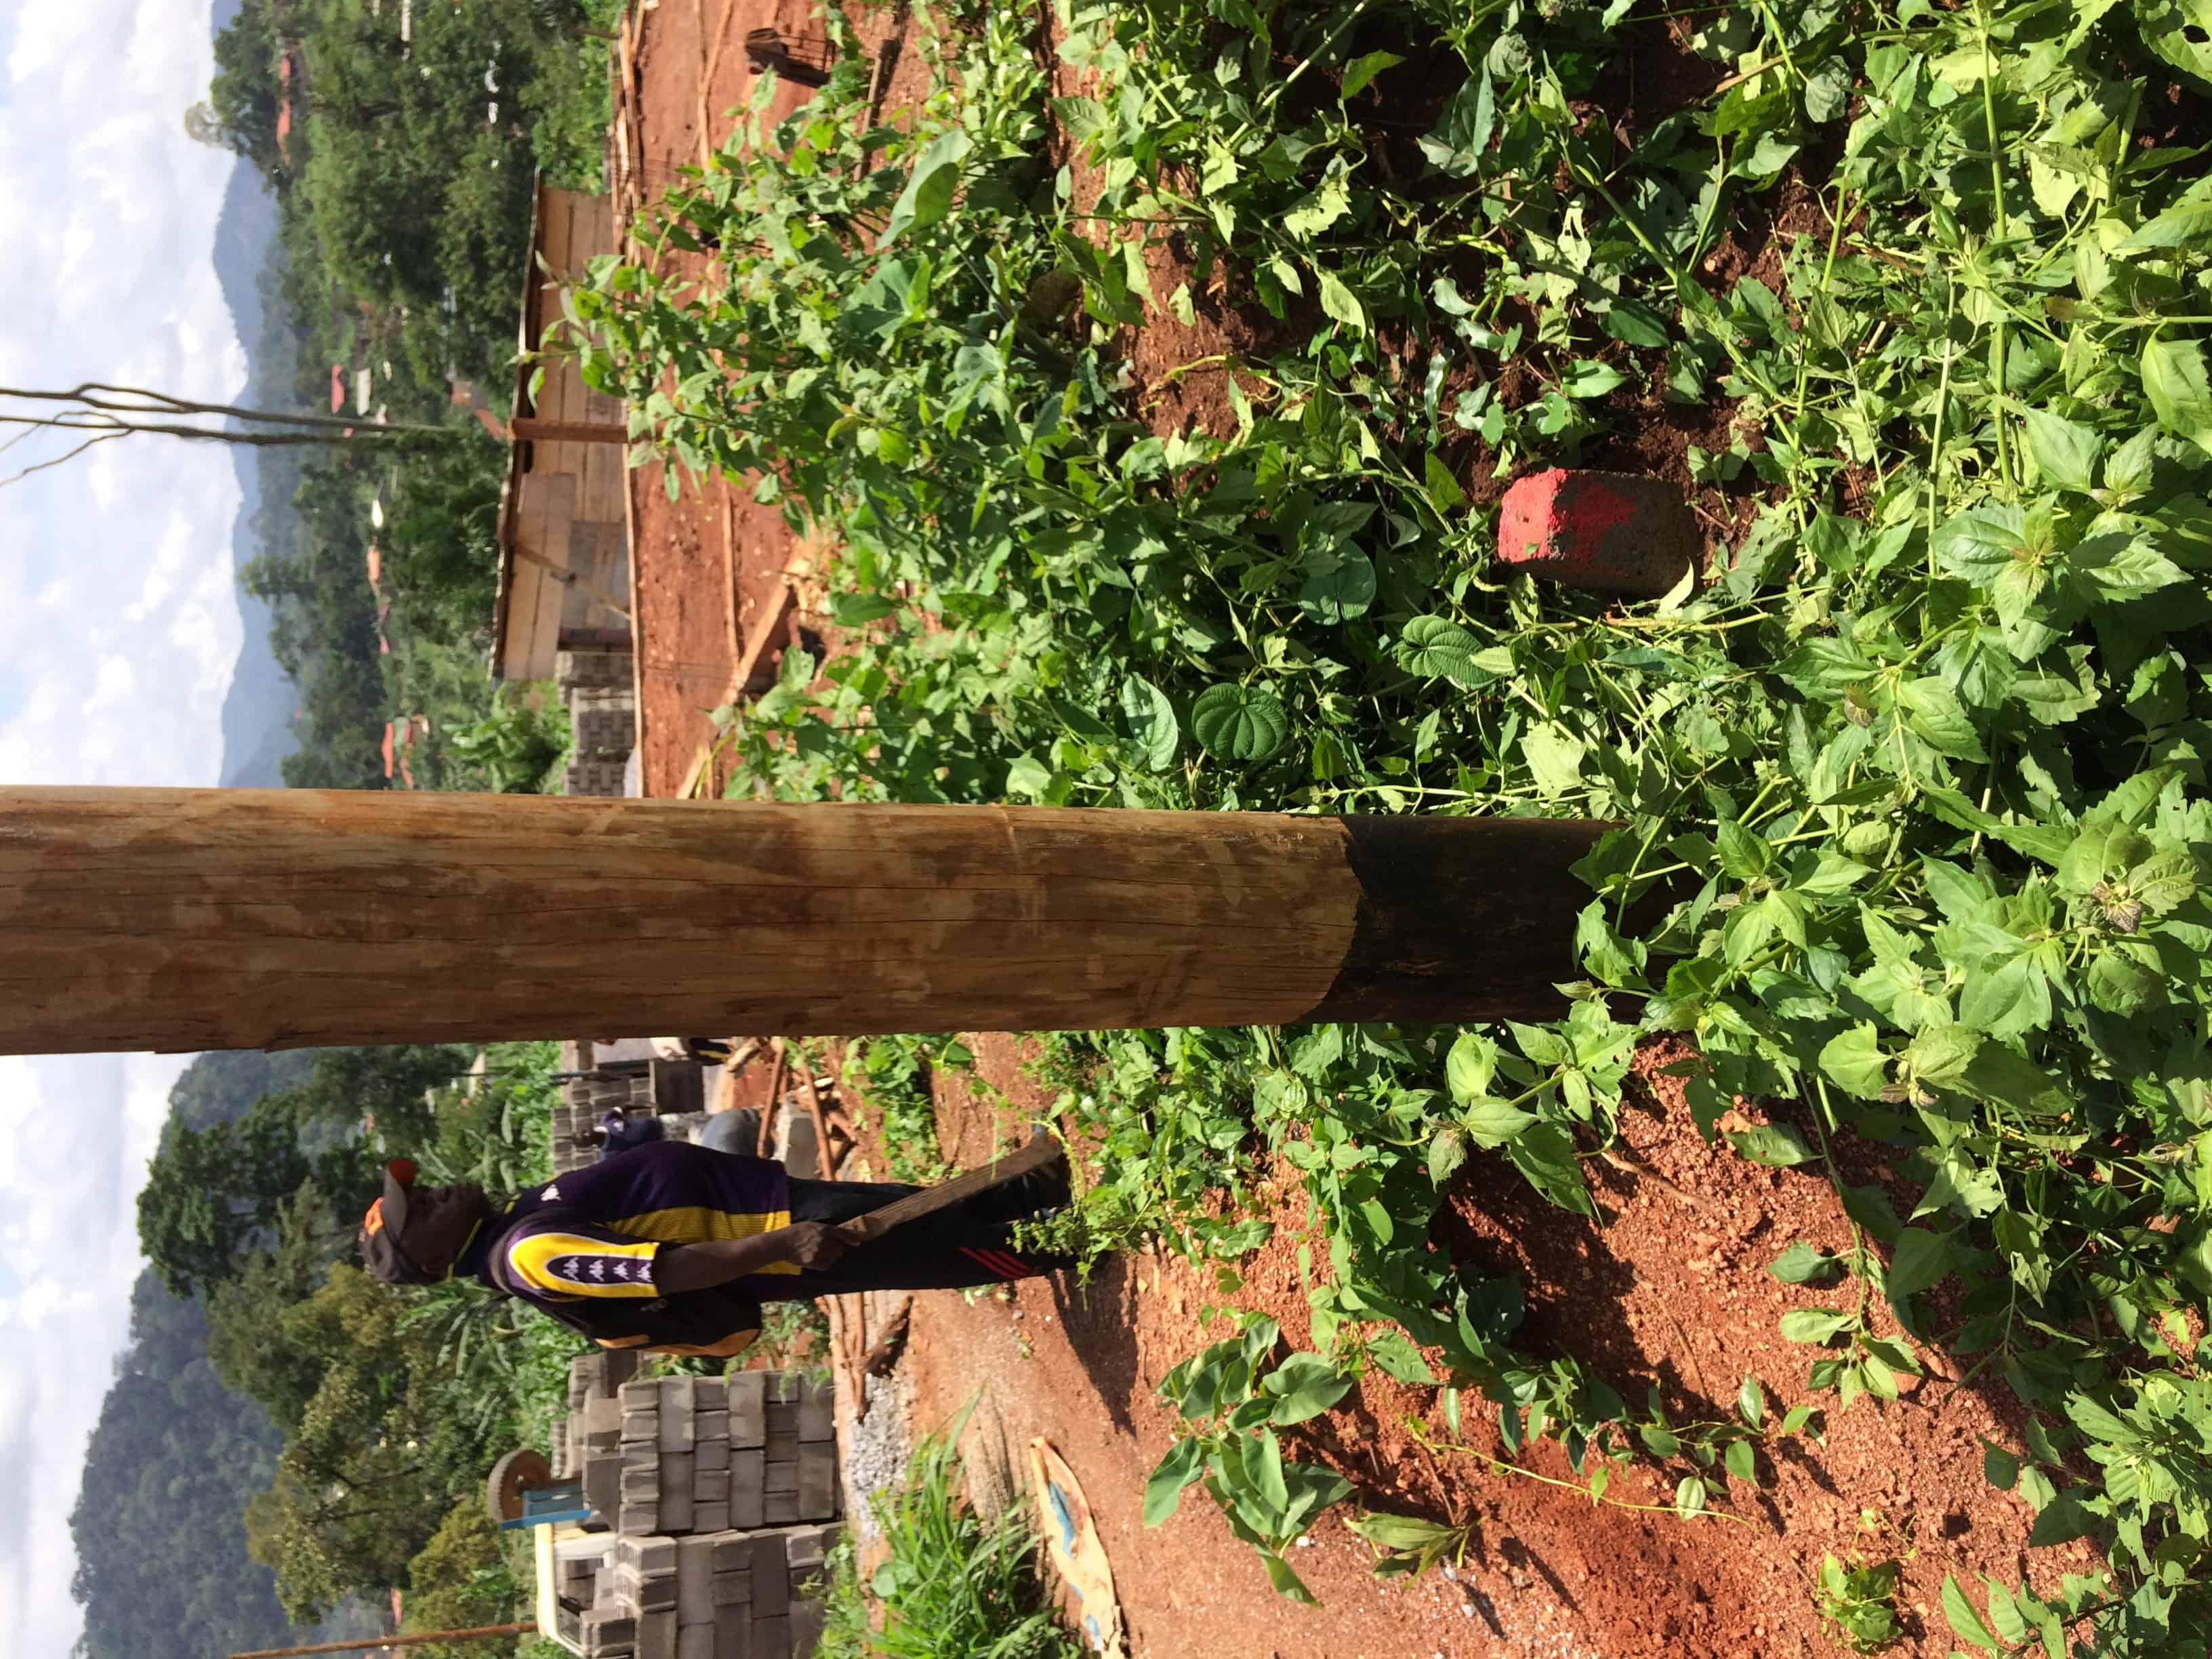 Land for sale at Yaoundé, Nkolafeme, Béatitude  - 906 m2 - 15 402 000 FCFA